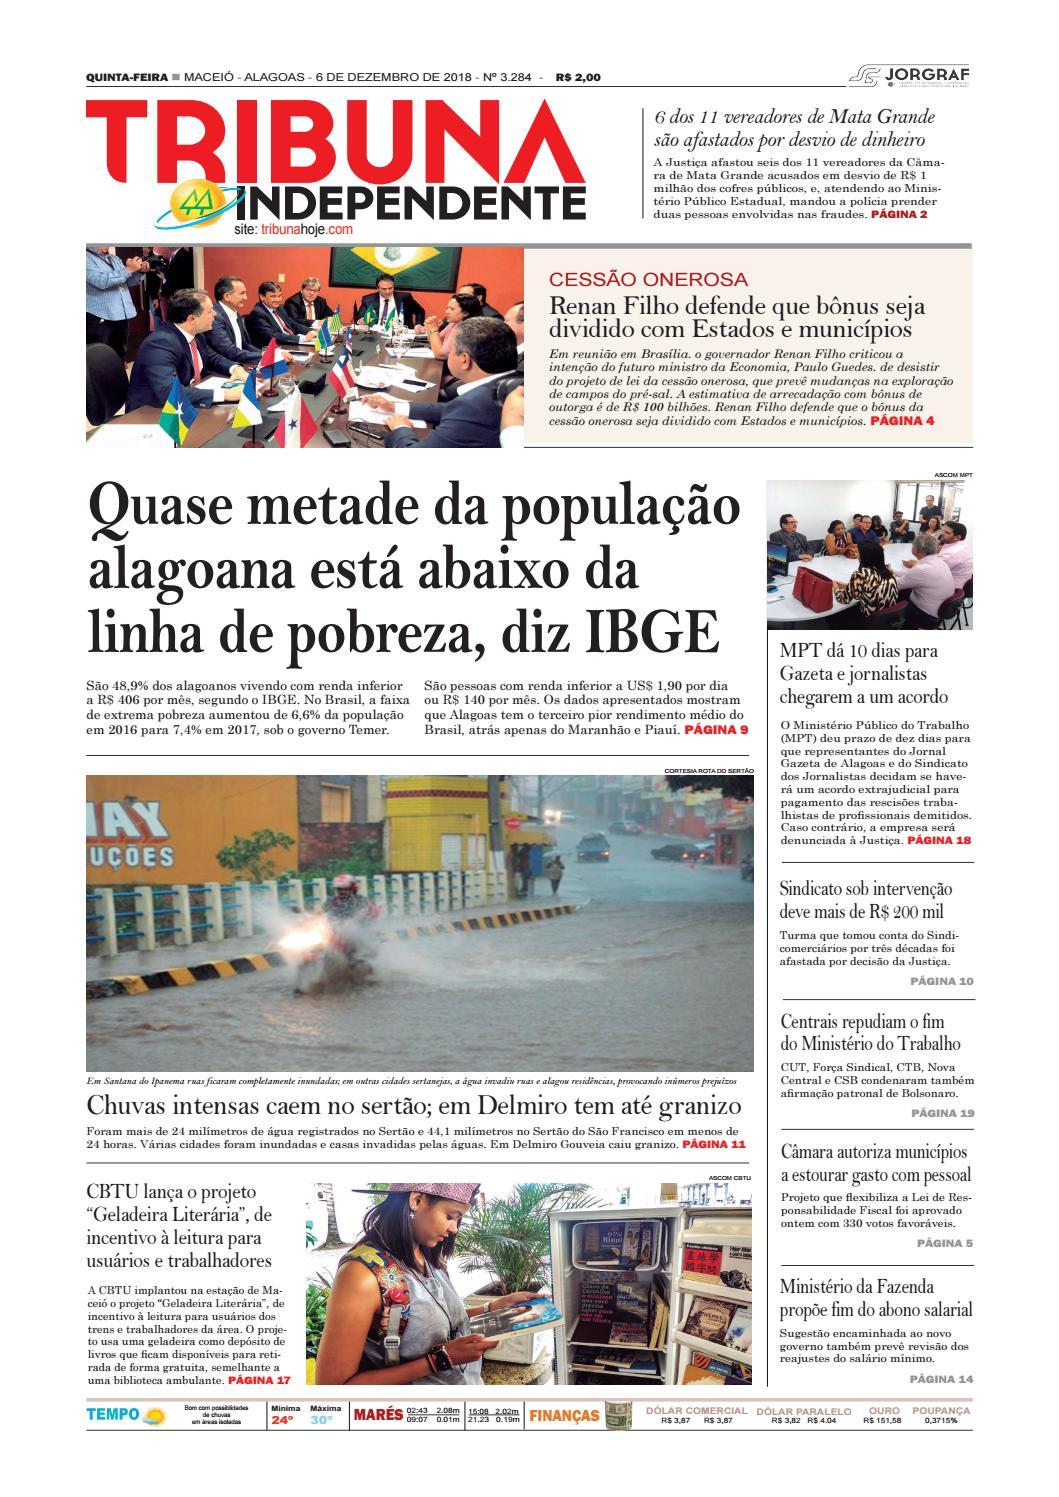 e7502ce2c1 Edição número 3284 - 6 de dezembro de 2018 by Tribuna Hoje - issuu